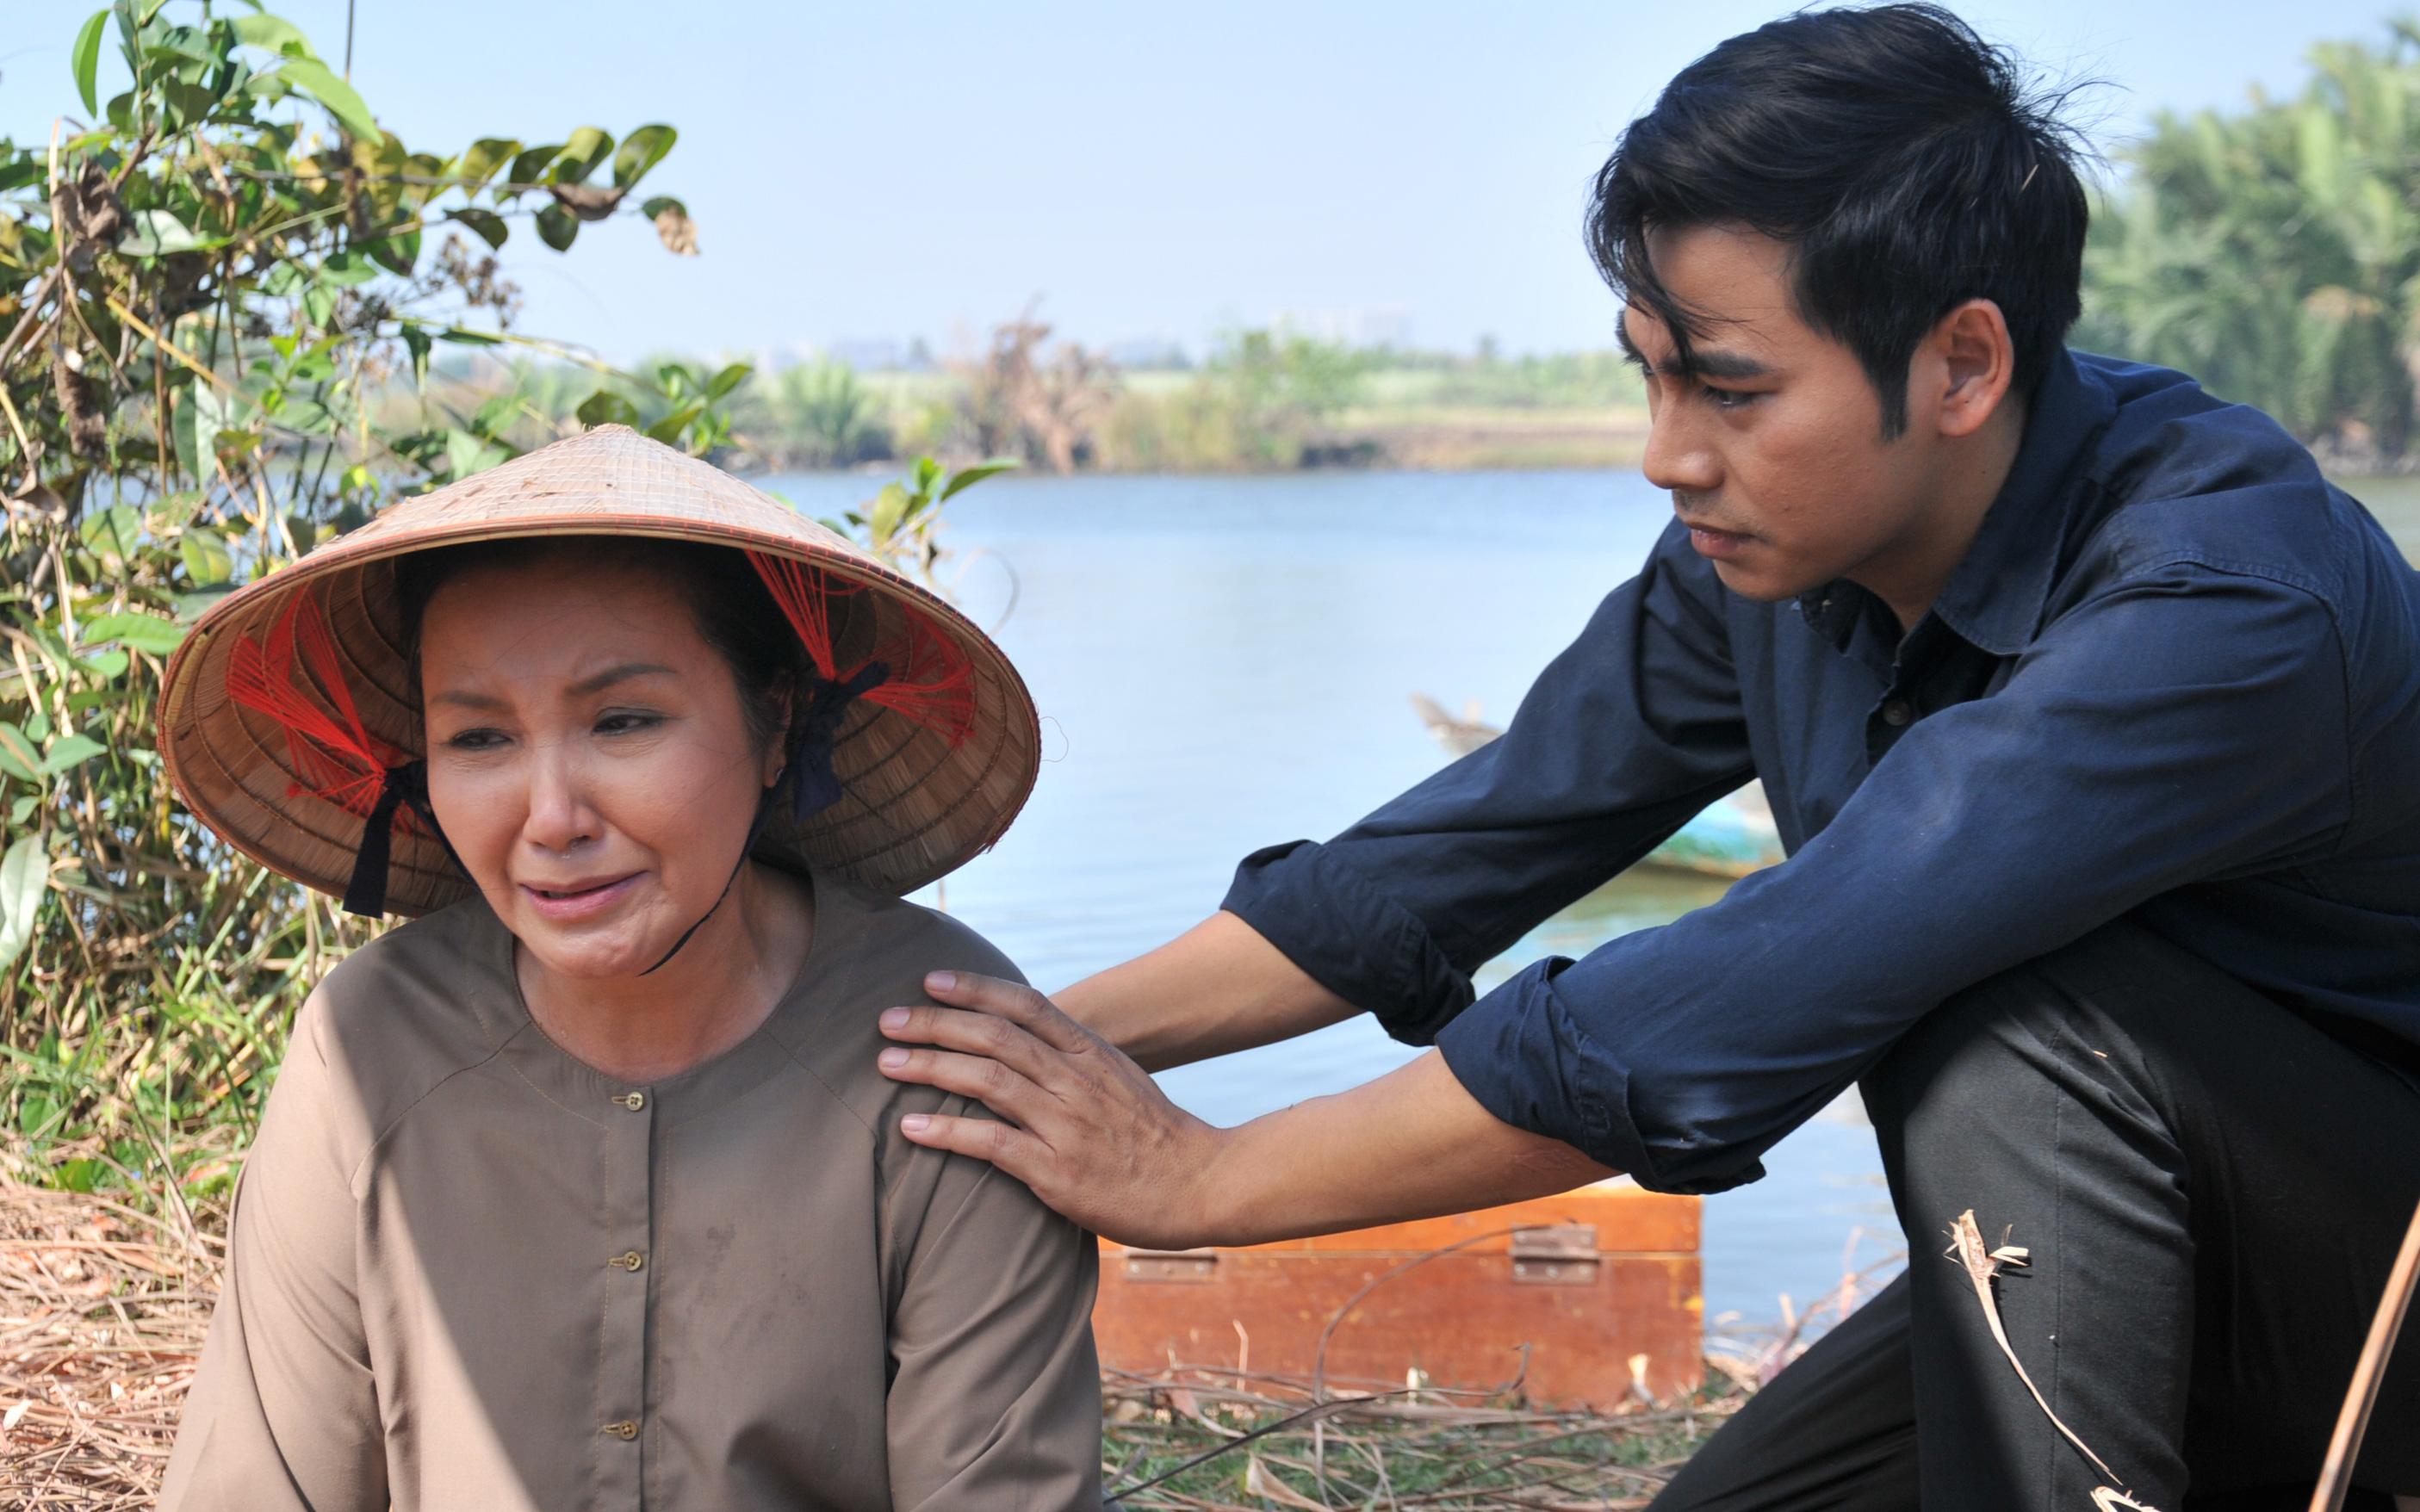 Sau ''Tiếng sét trong mưa'', có thêm phim xưa lên sóng VTV3, Kim Xuân - Ngân Quỳnh - Thanh Bình cùng tái xuất